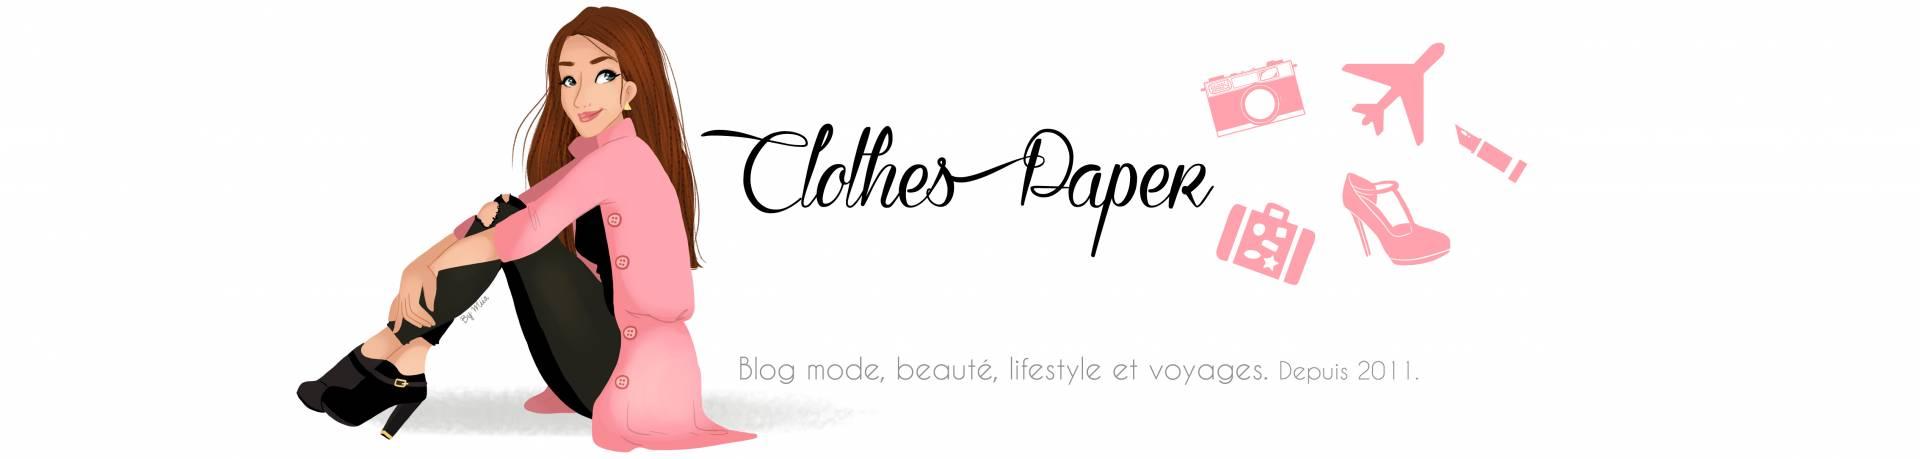 Clothes Paper